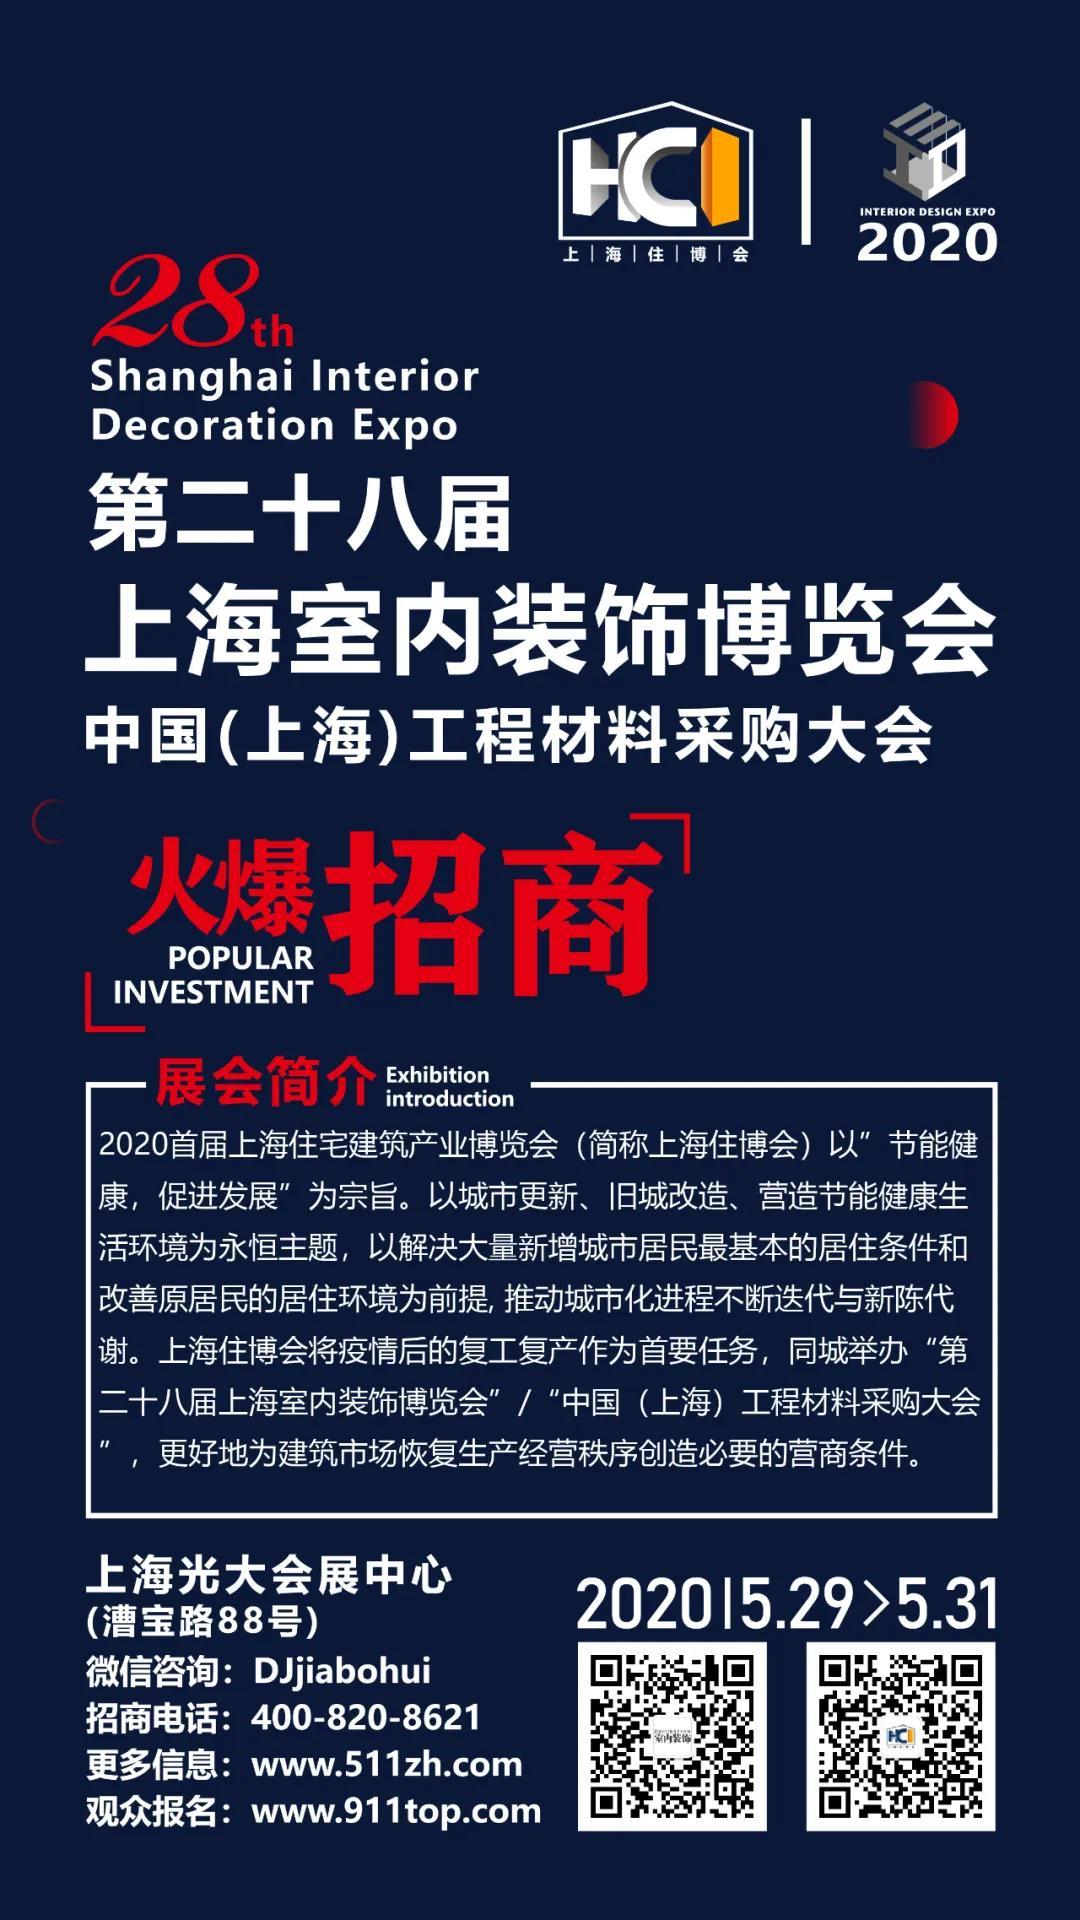 上海室内装修博览会